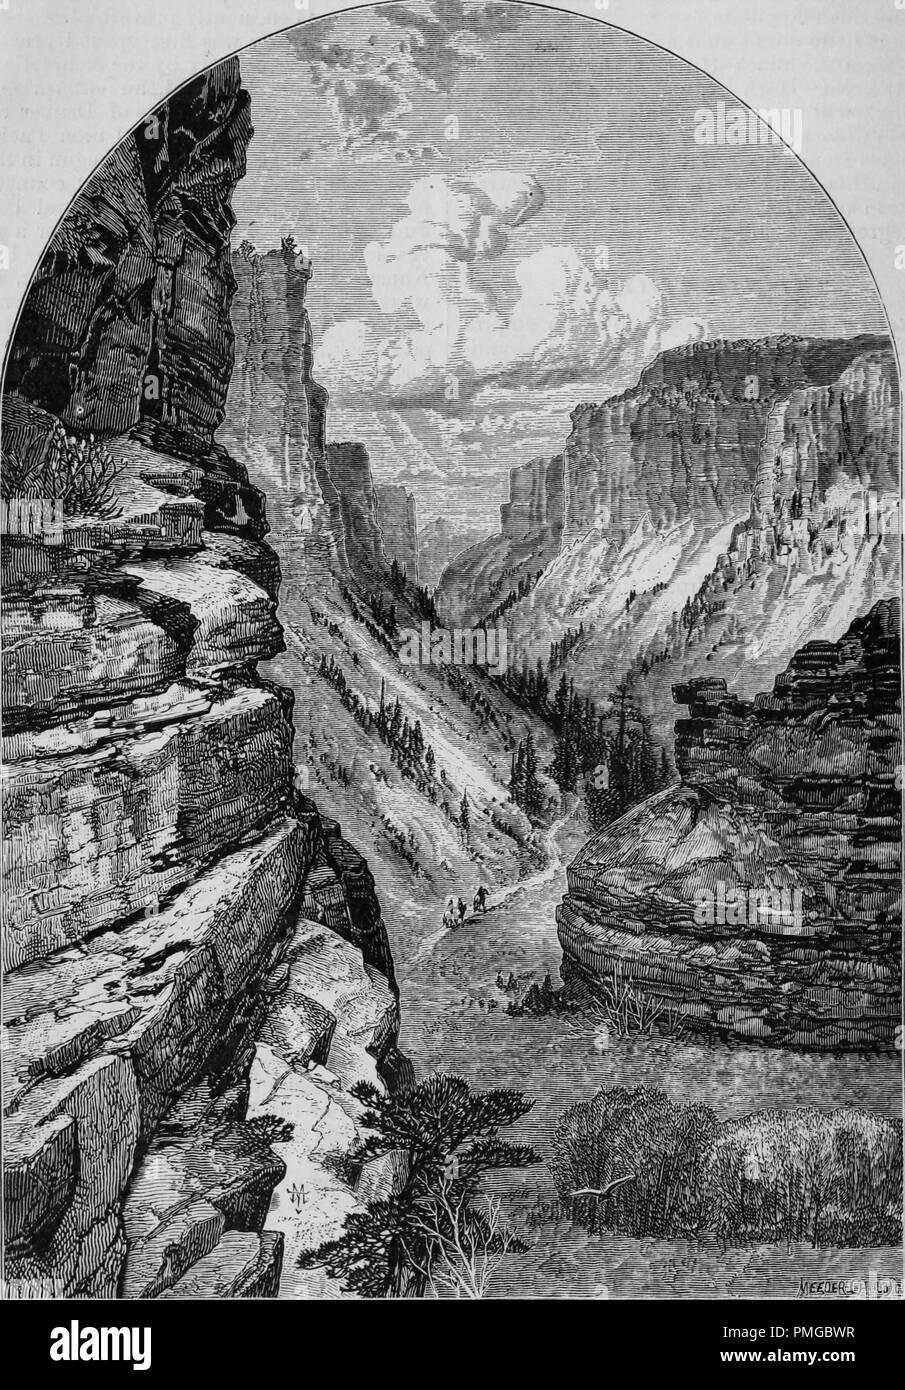 """Grabado de la William's Canyon, Colorado Springs, en el libro """"El Turismo del Pacífico"""", 1877. Cortesía de Internet Archive. () Imagen De Stock"""